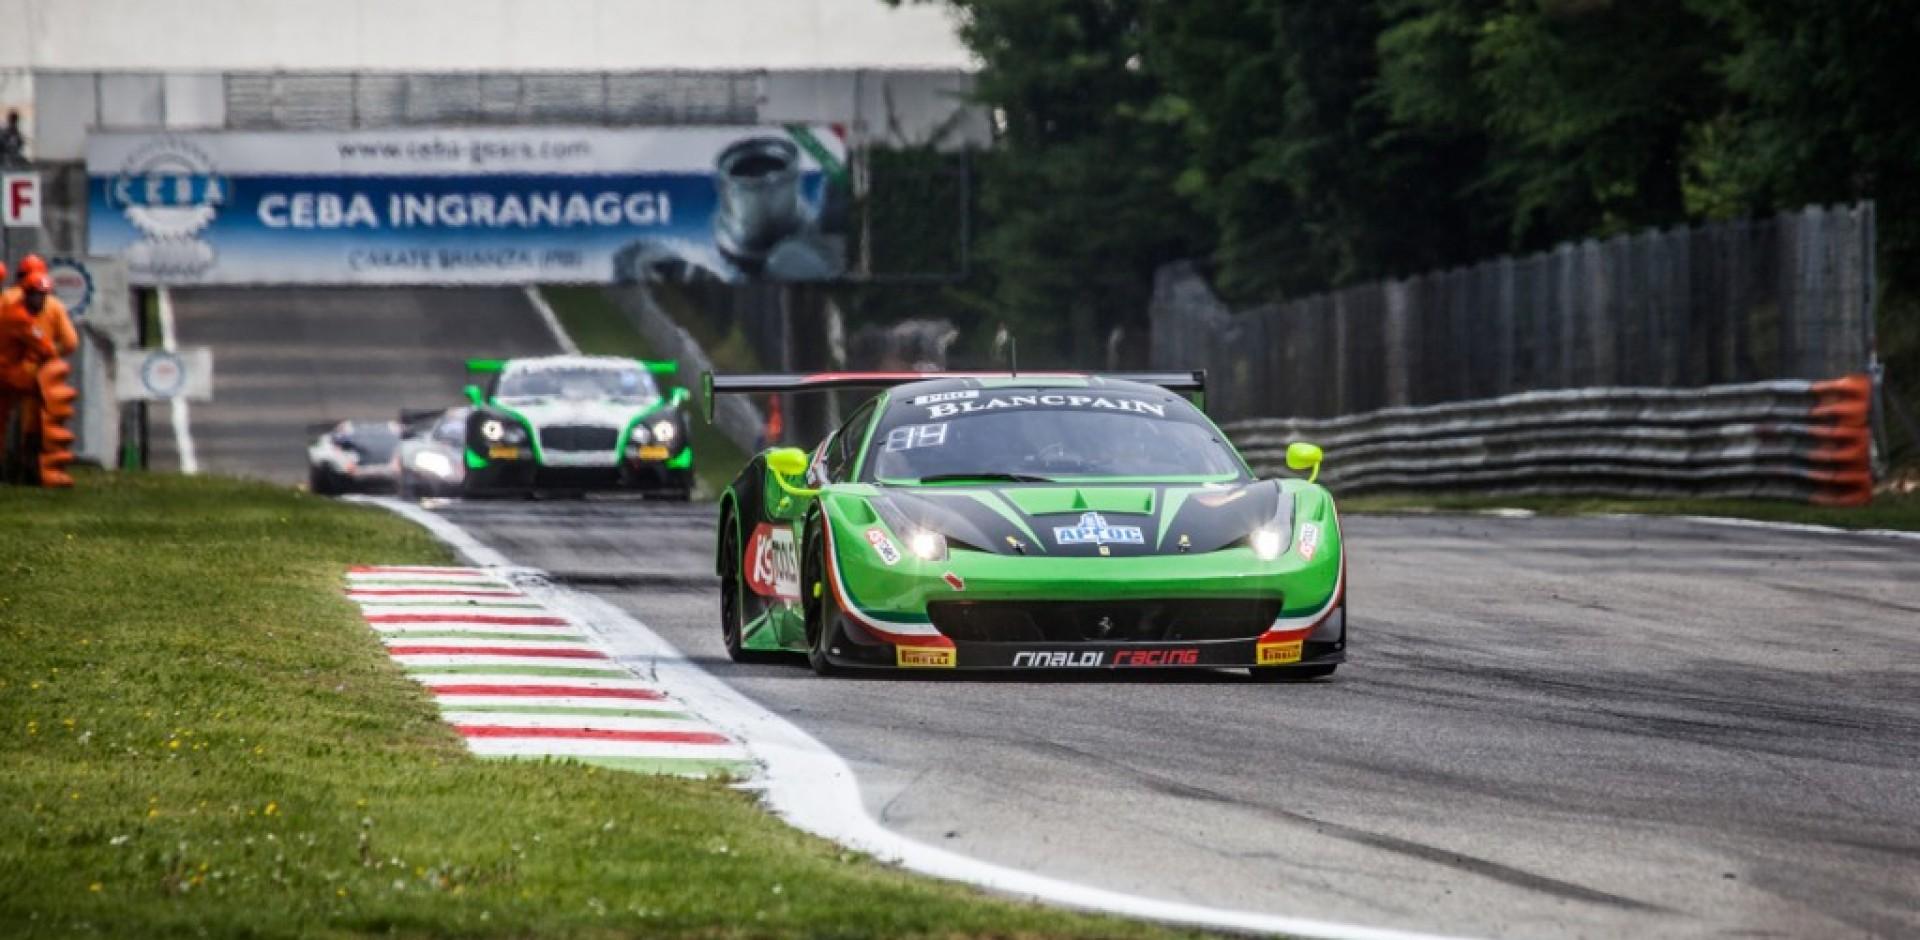 Durchfahrtsstrafe verhindert Top-Ergebnis für Norbert Siedler in Monza